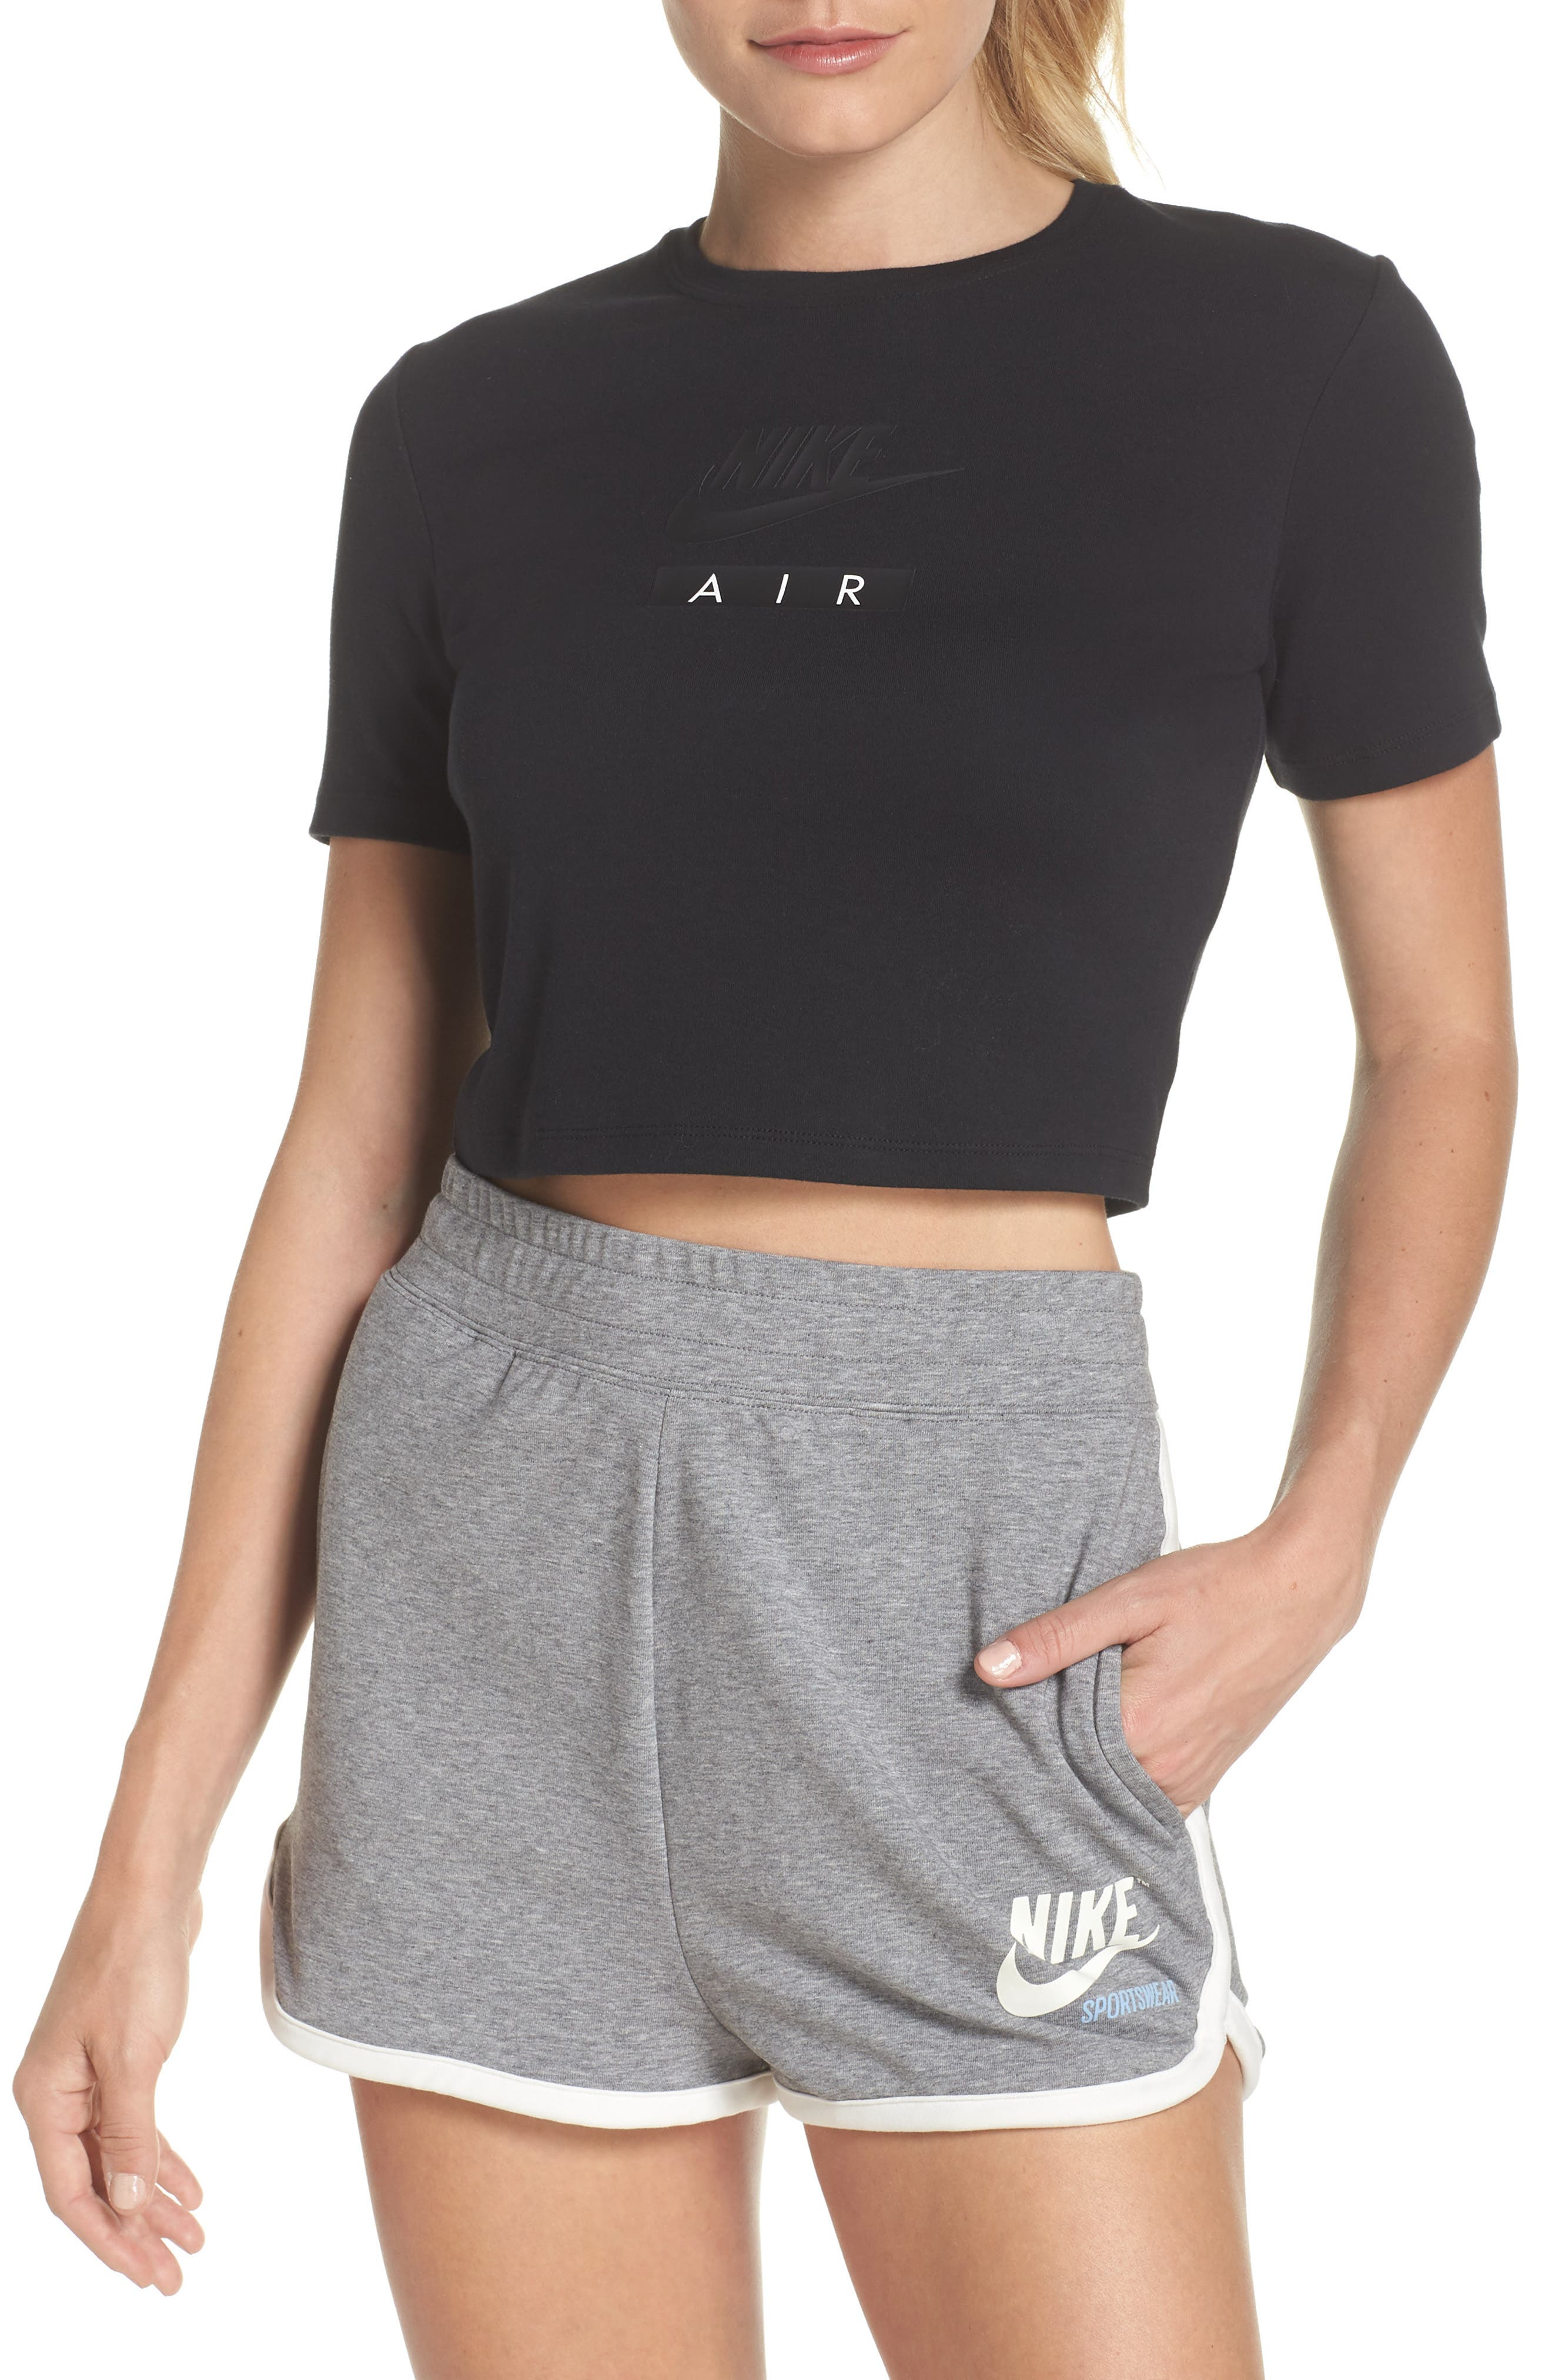 Alternate Image 1 Selected - Nike Sportswear Baby Air Crop Tee